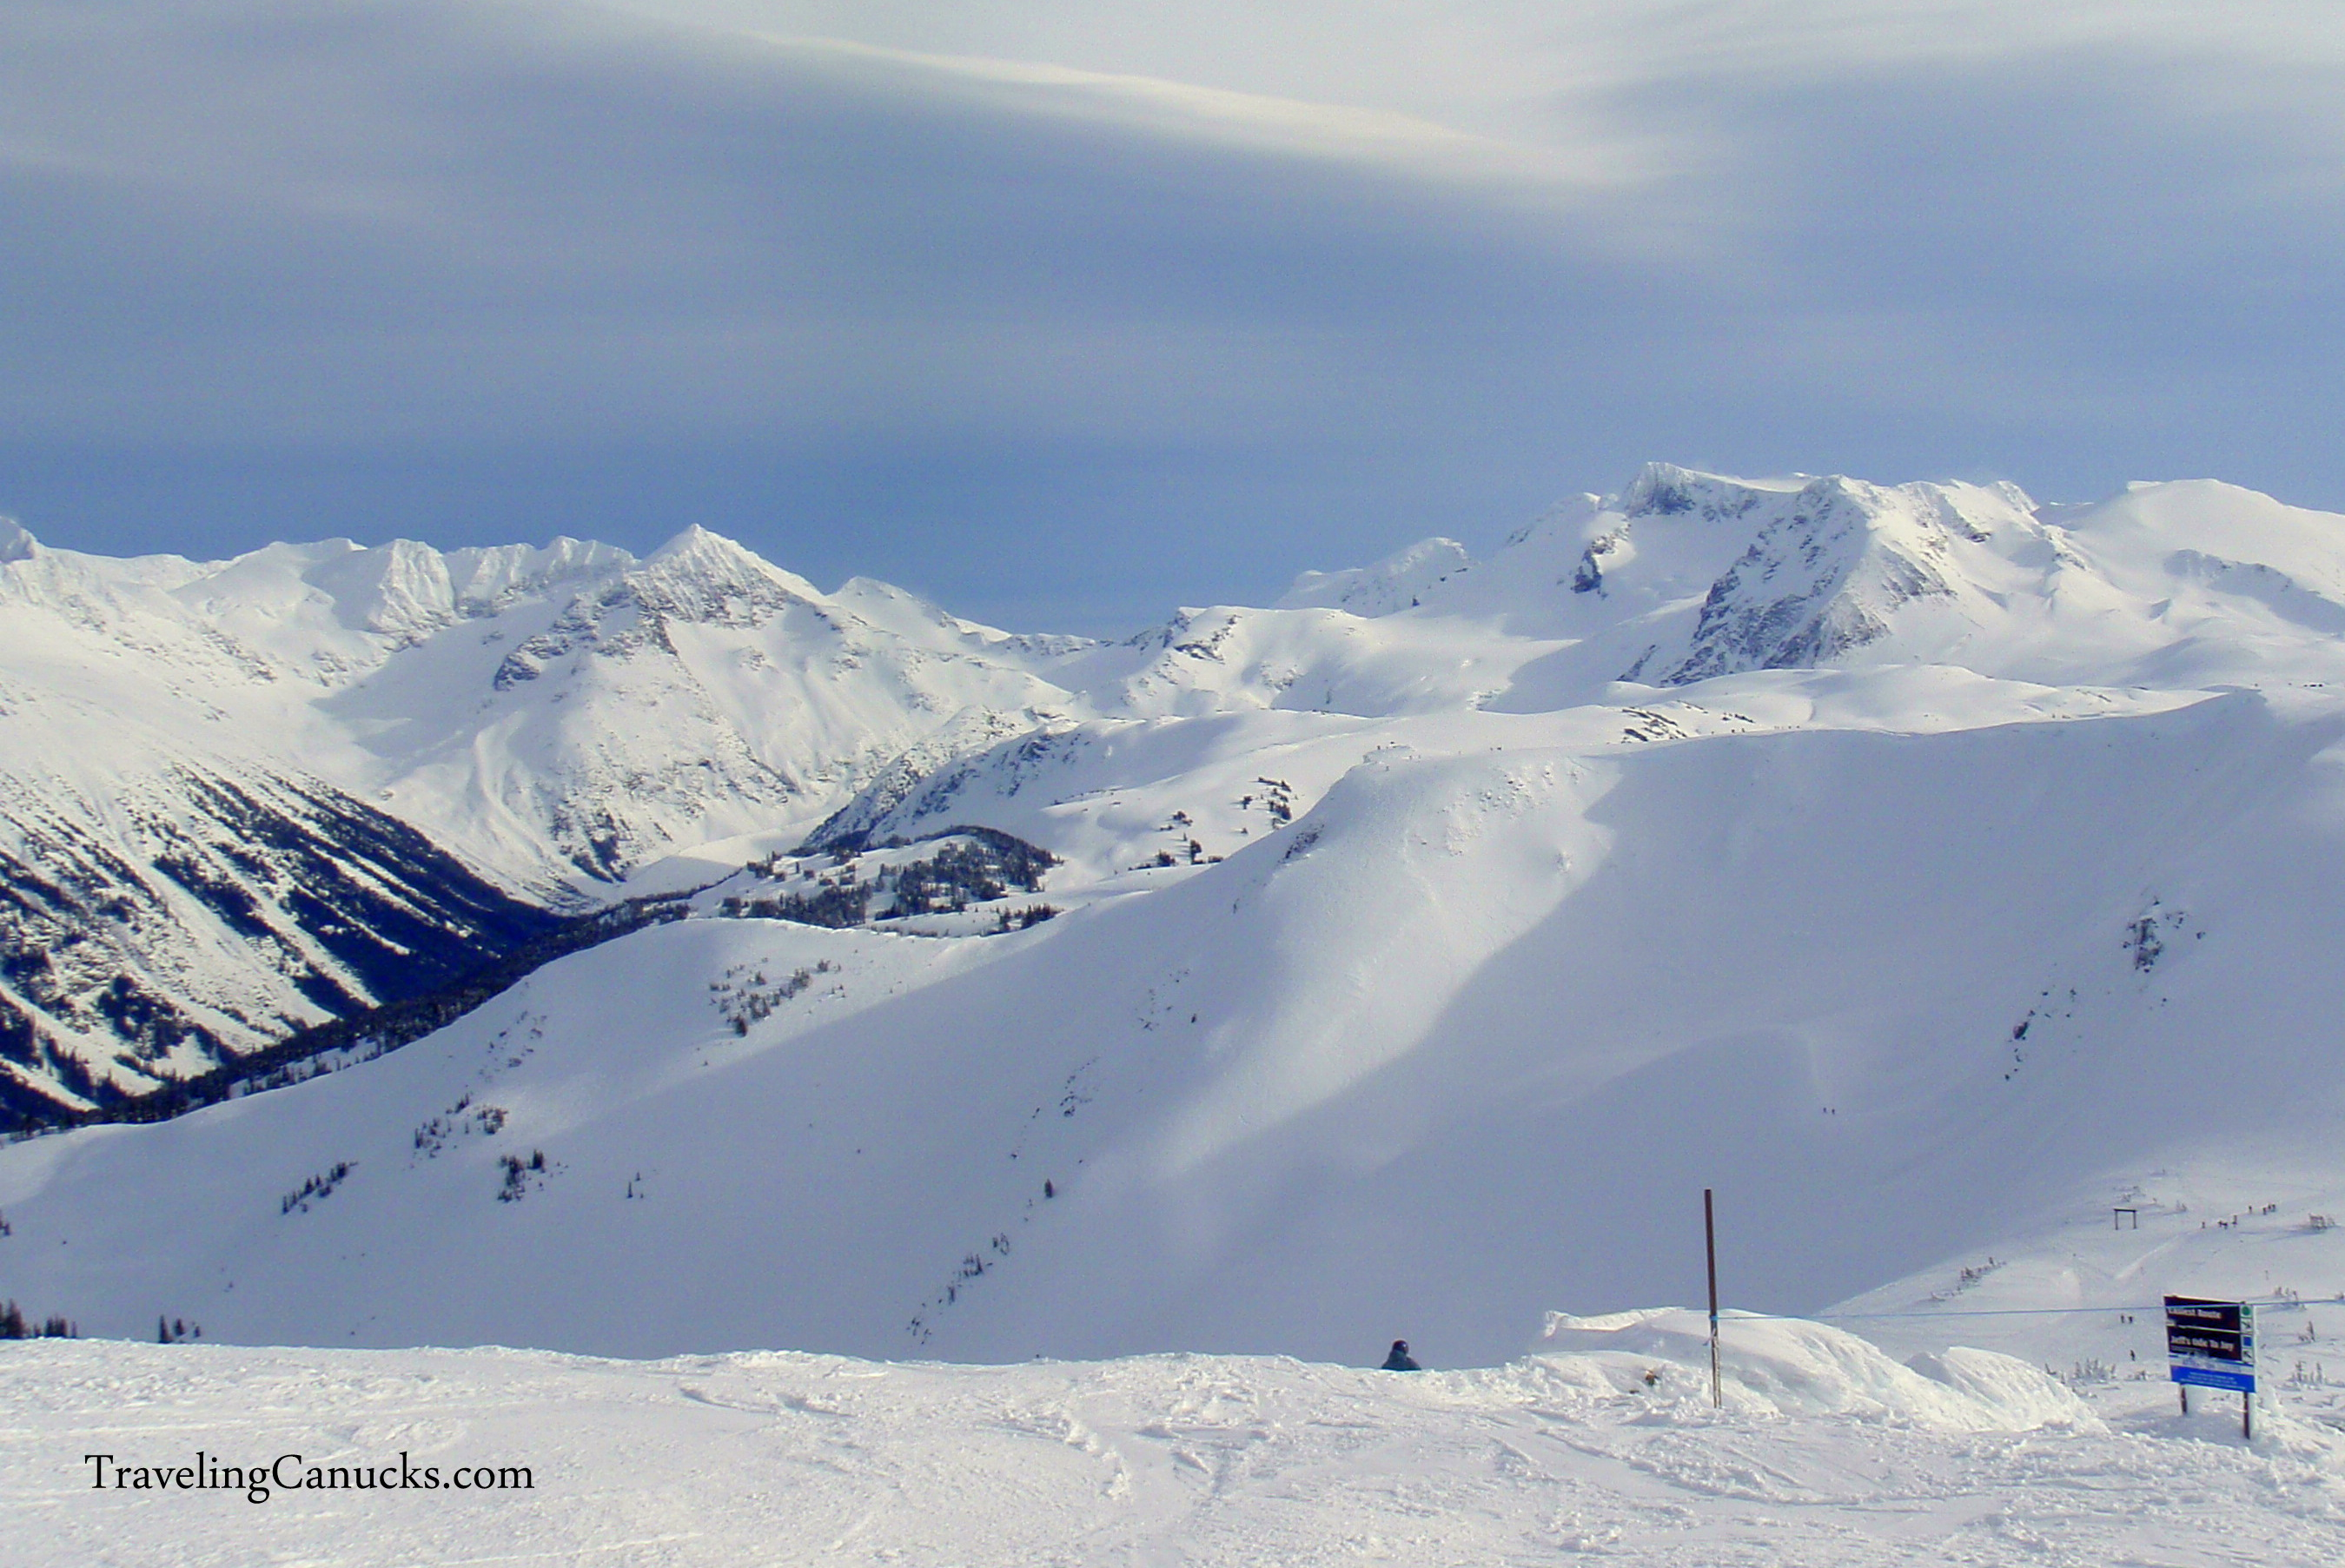 Video: Snowboarding Whistler Mountain, Canada